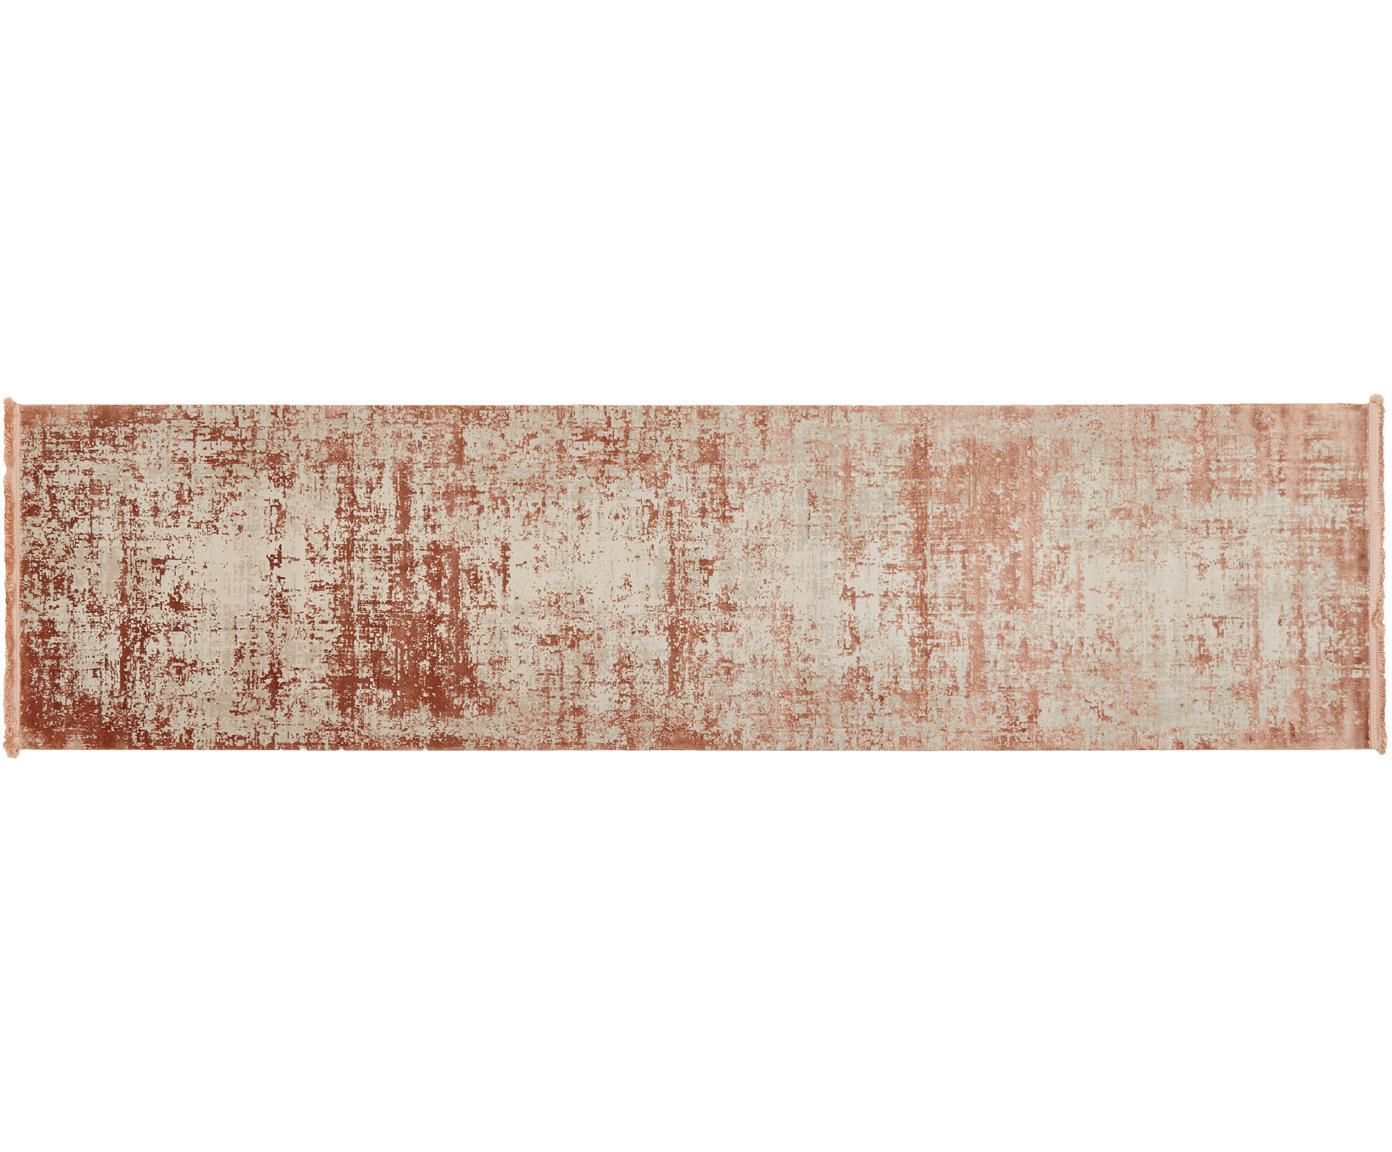 Schimmernder Läufer Cordoba mit Fransen, Vintage Style, Flor: 70% Acryl, 30% Viskose, Terrakotta, Beige, 80 x 300 cm